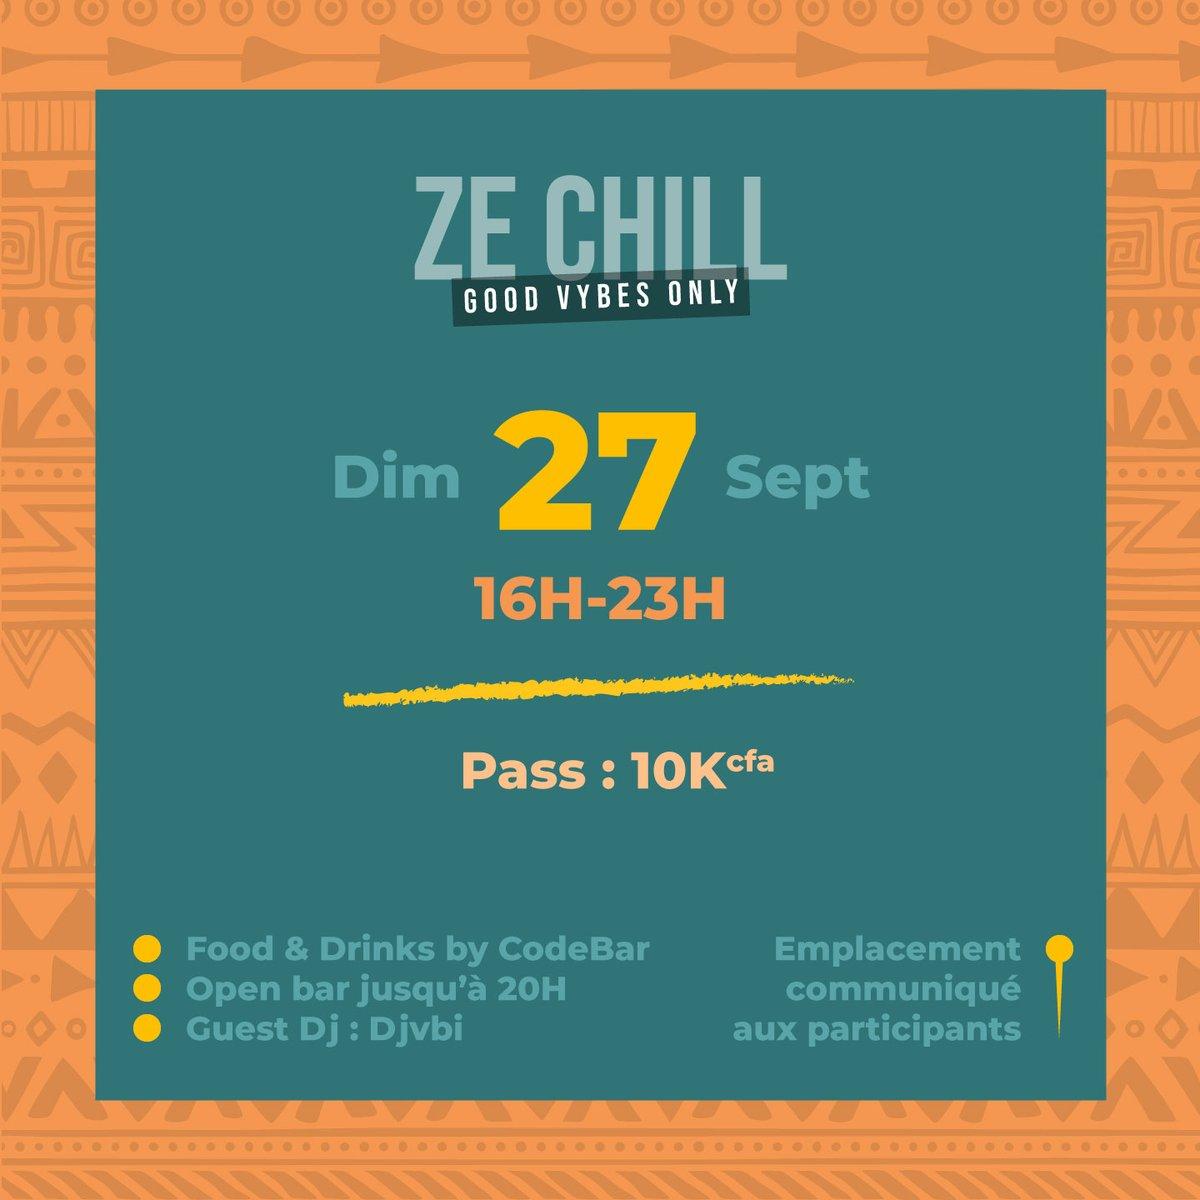 Les bonnes nouvelles arrivent le matin, dit-on.   Ze Chill revient le 27 Septembre :    - Food & Drinks by Code Bar - Open Bar jusqu'à 20h - Guest Dj : Djvbi  Billetterie ouverte dès ce 18 Septembre, inscrivez-vous ici : https://t.co/NwdVKt2TaN  #ZeChill #FreeTheVybe  #Wasexo https://t.co/F7MpphWT7W